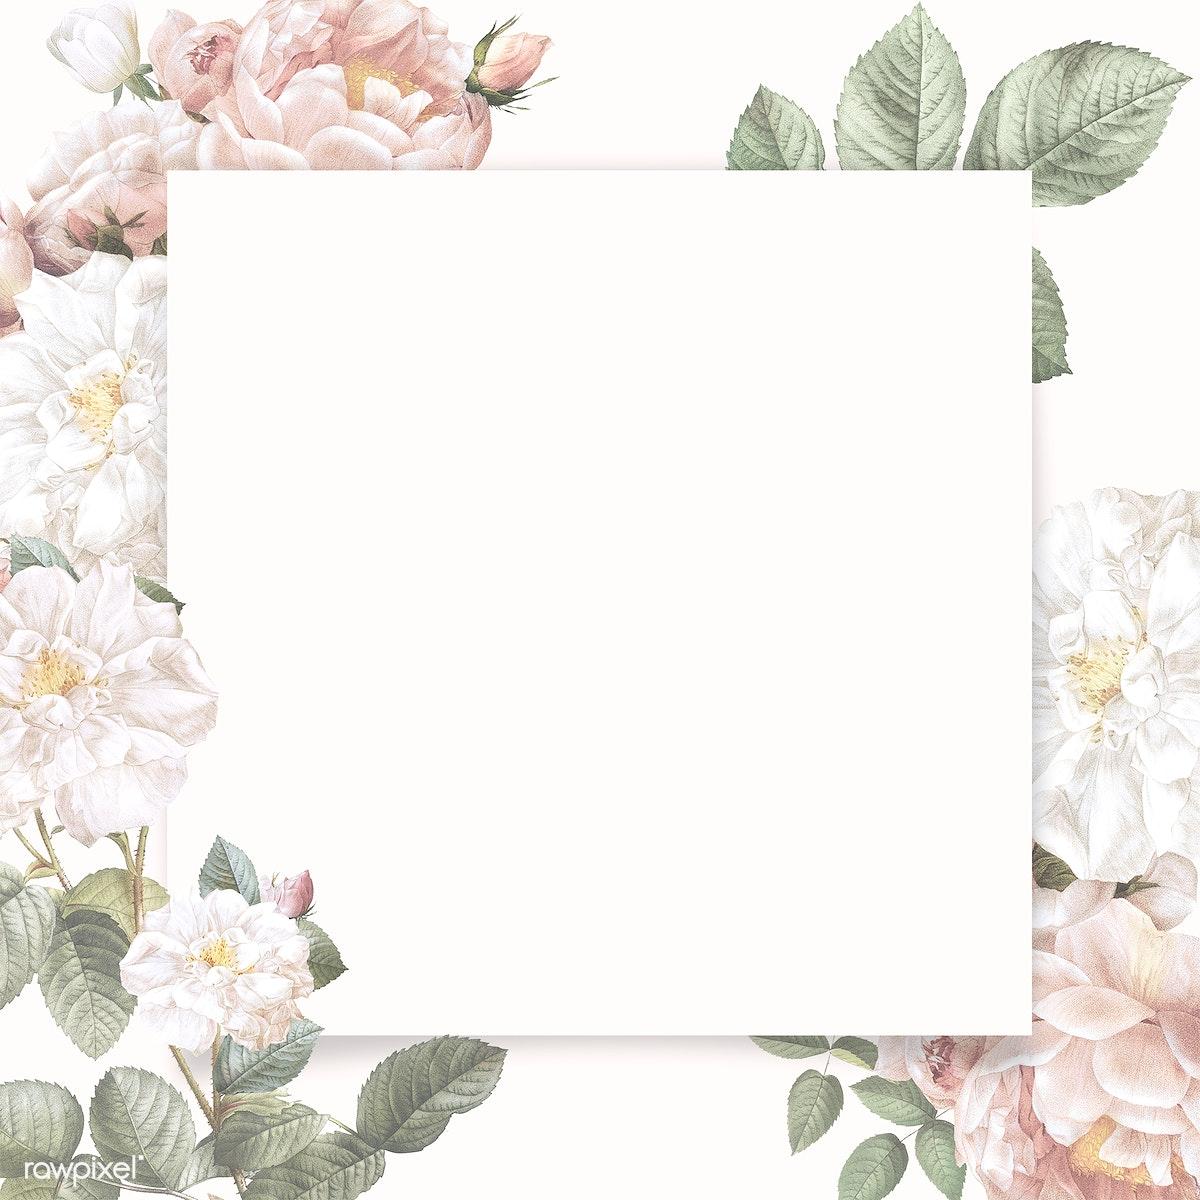 Download premium illustration of Blank elegant floral frame design 842515